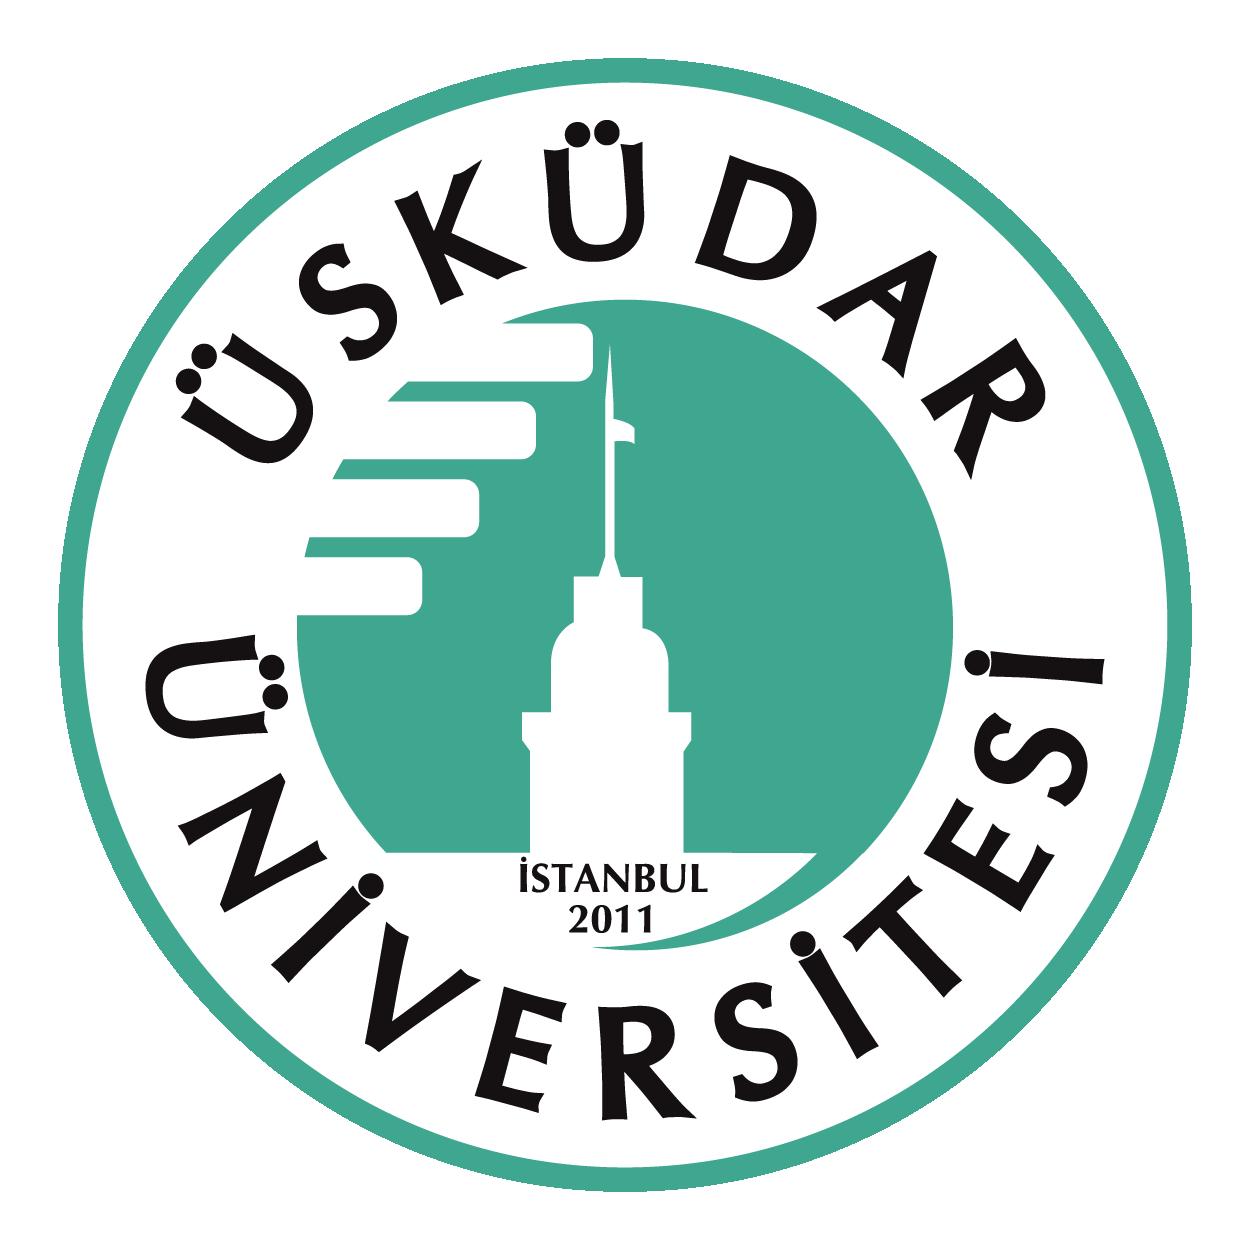 Üsküdar Üniversitesi Logo (İstanbul) png